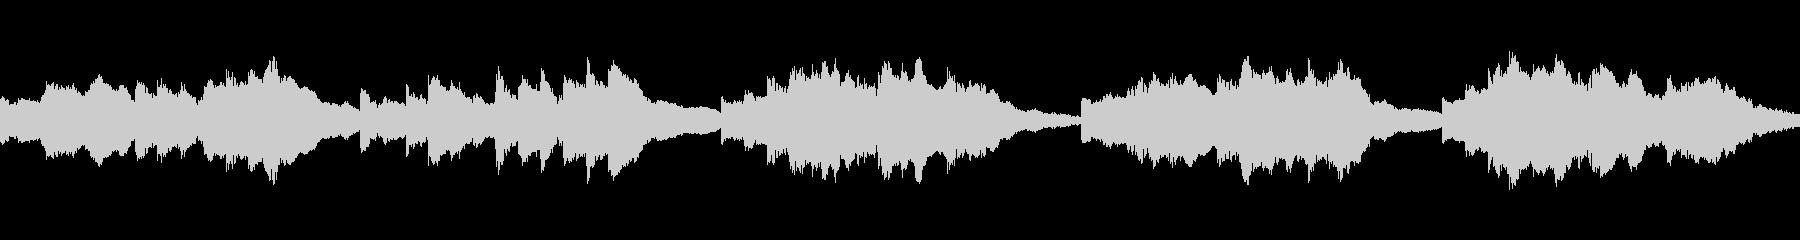 ソフトなヒンドゥー教の打楽器の絶妙...の未再生の波形